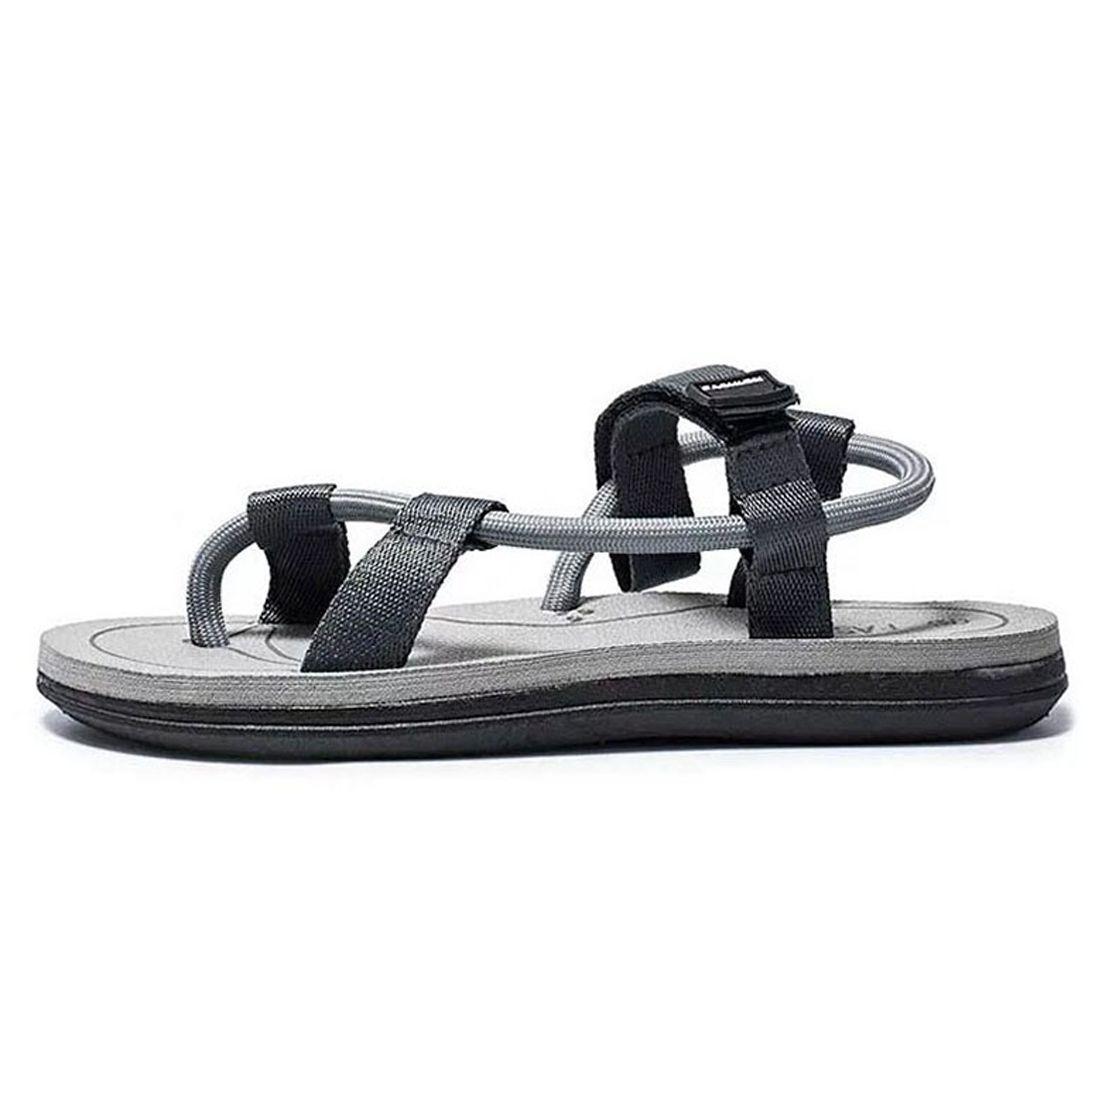 2020 lüks sihirli çubuk siyah beyaz cowskin gerçek deri platformu tasarımcı sandalet kadın moda ayakkabılar boyutu 35-41 tradingbear 11P641